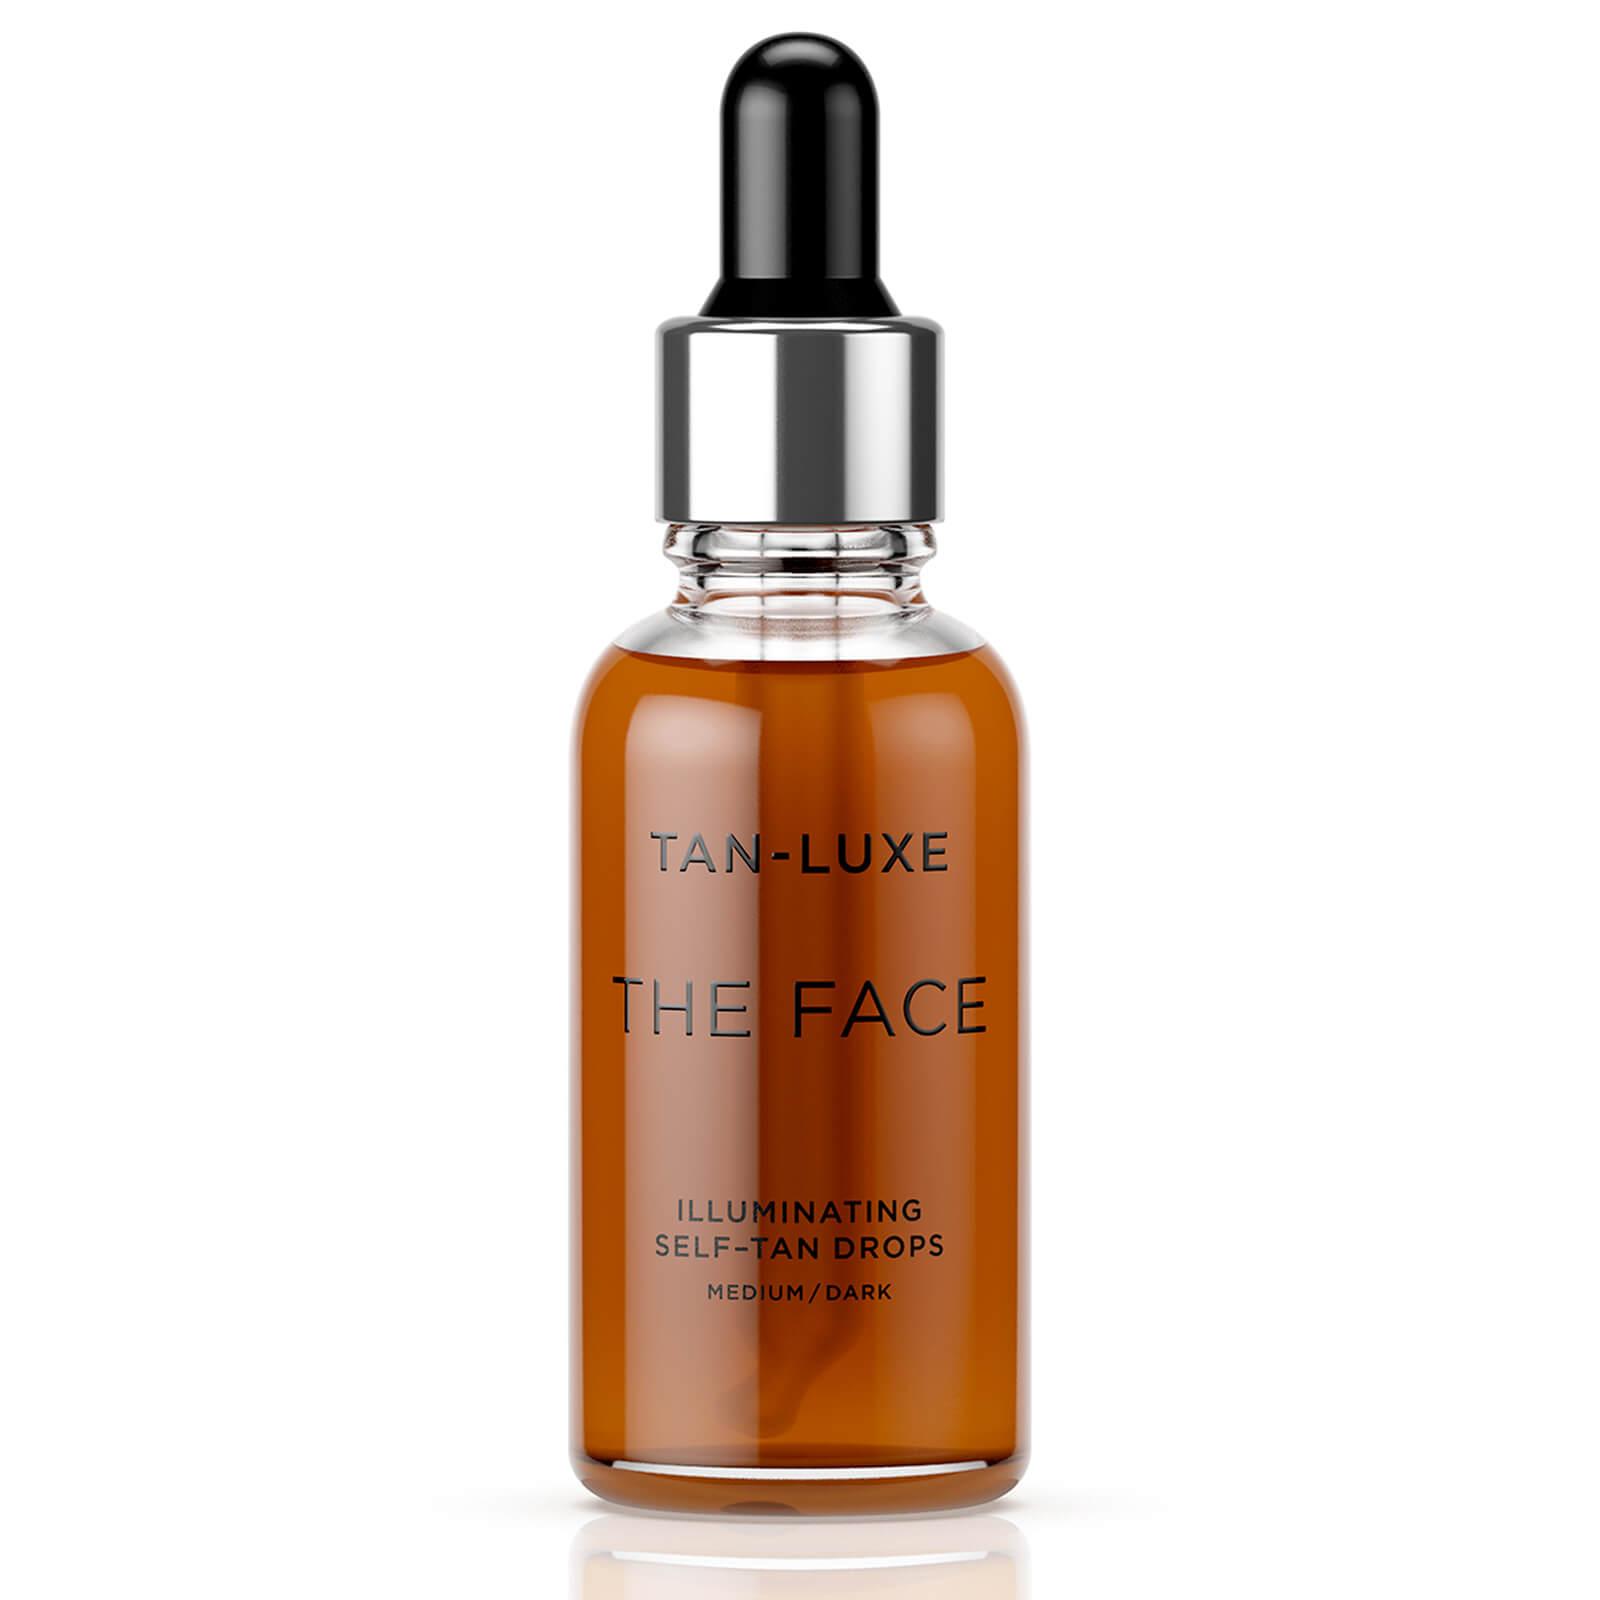 Tan-Luxe The Face Illuminating Self-Tan Drops 30ml - Medium/Dark